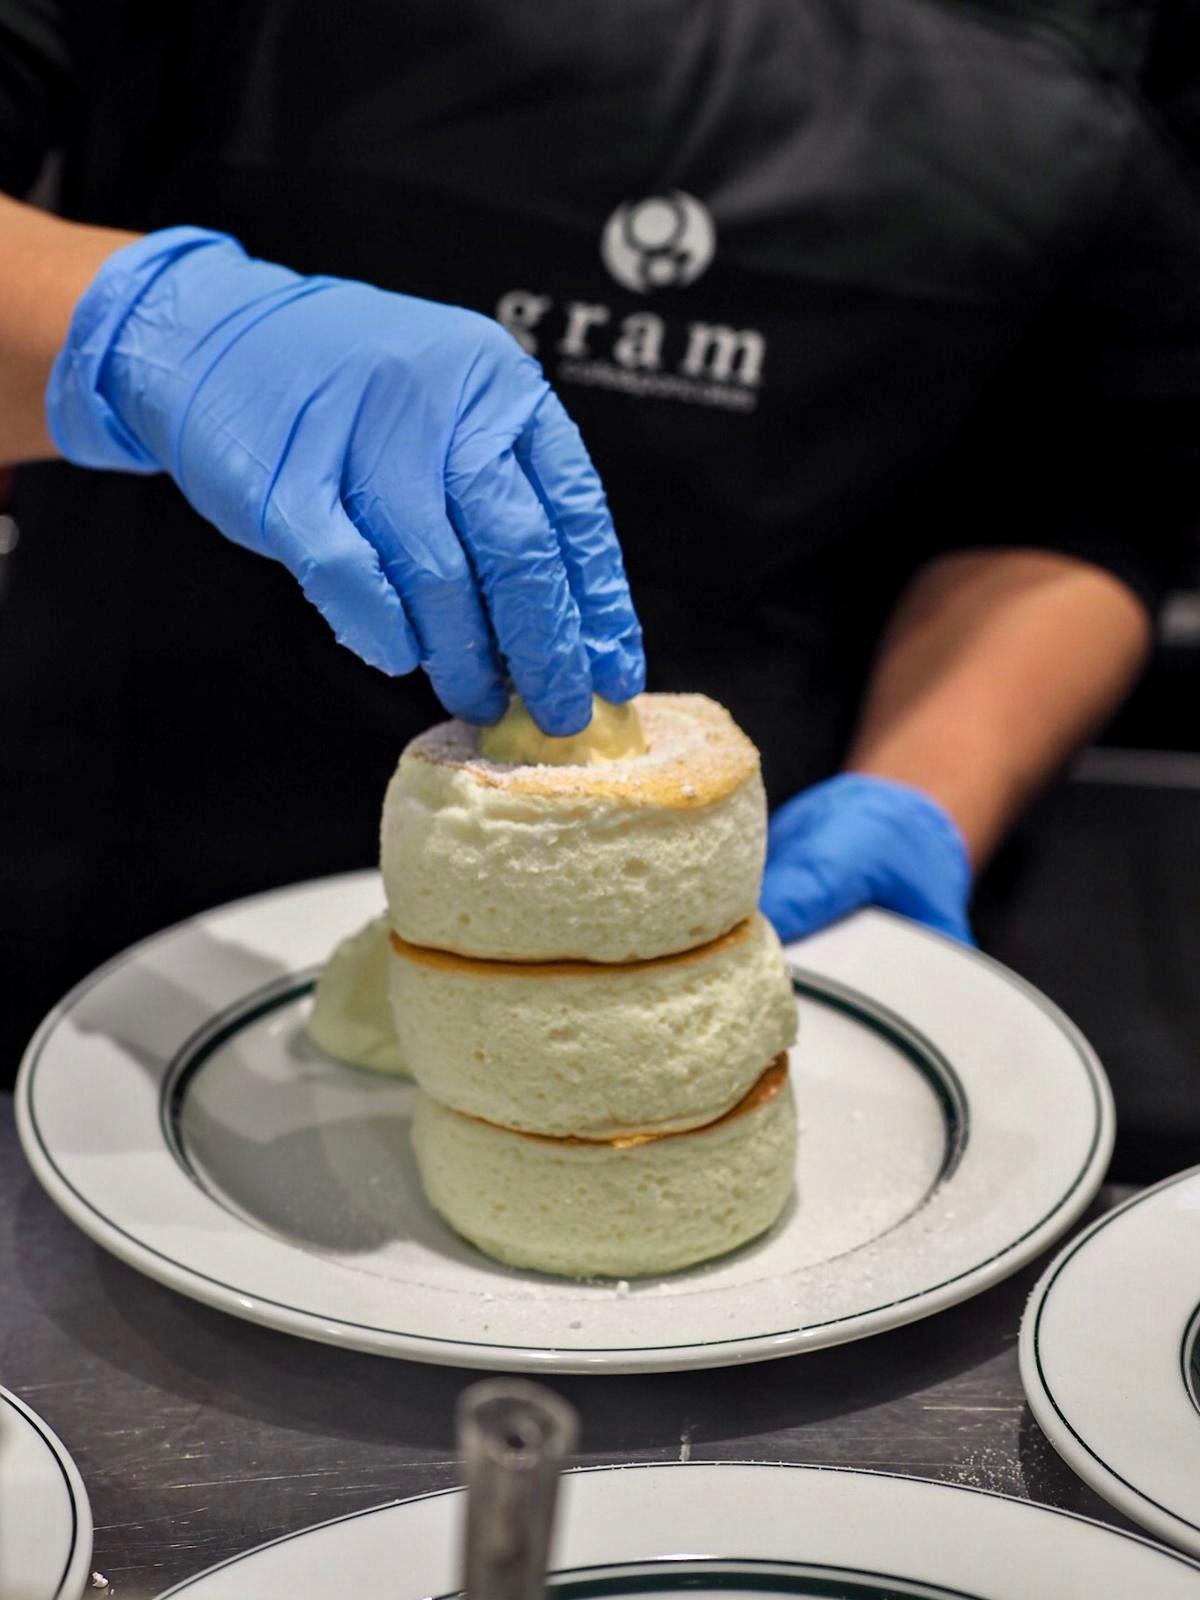 Gram Cafe & Pancakes-Vivocity Singapore-Premium Pancakes